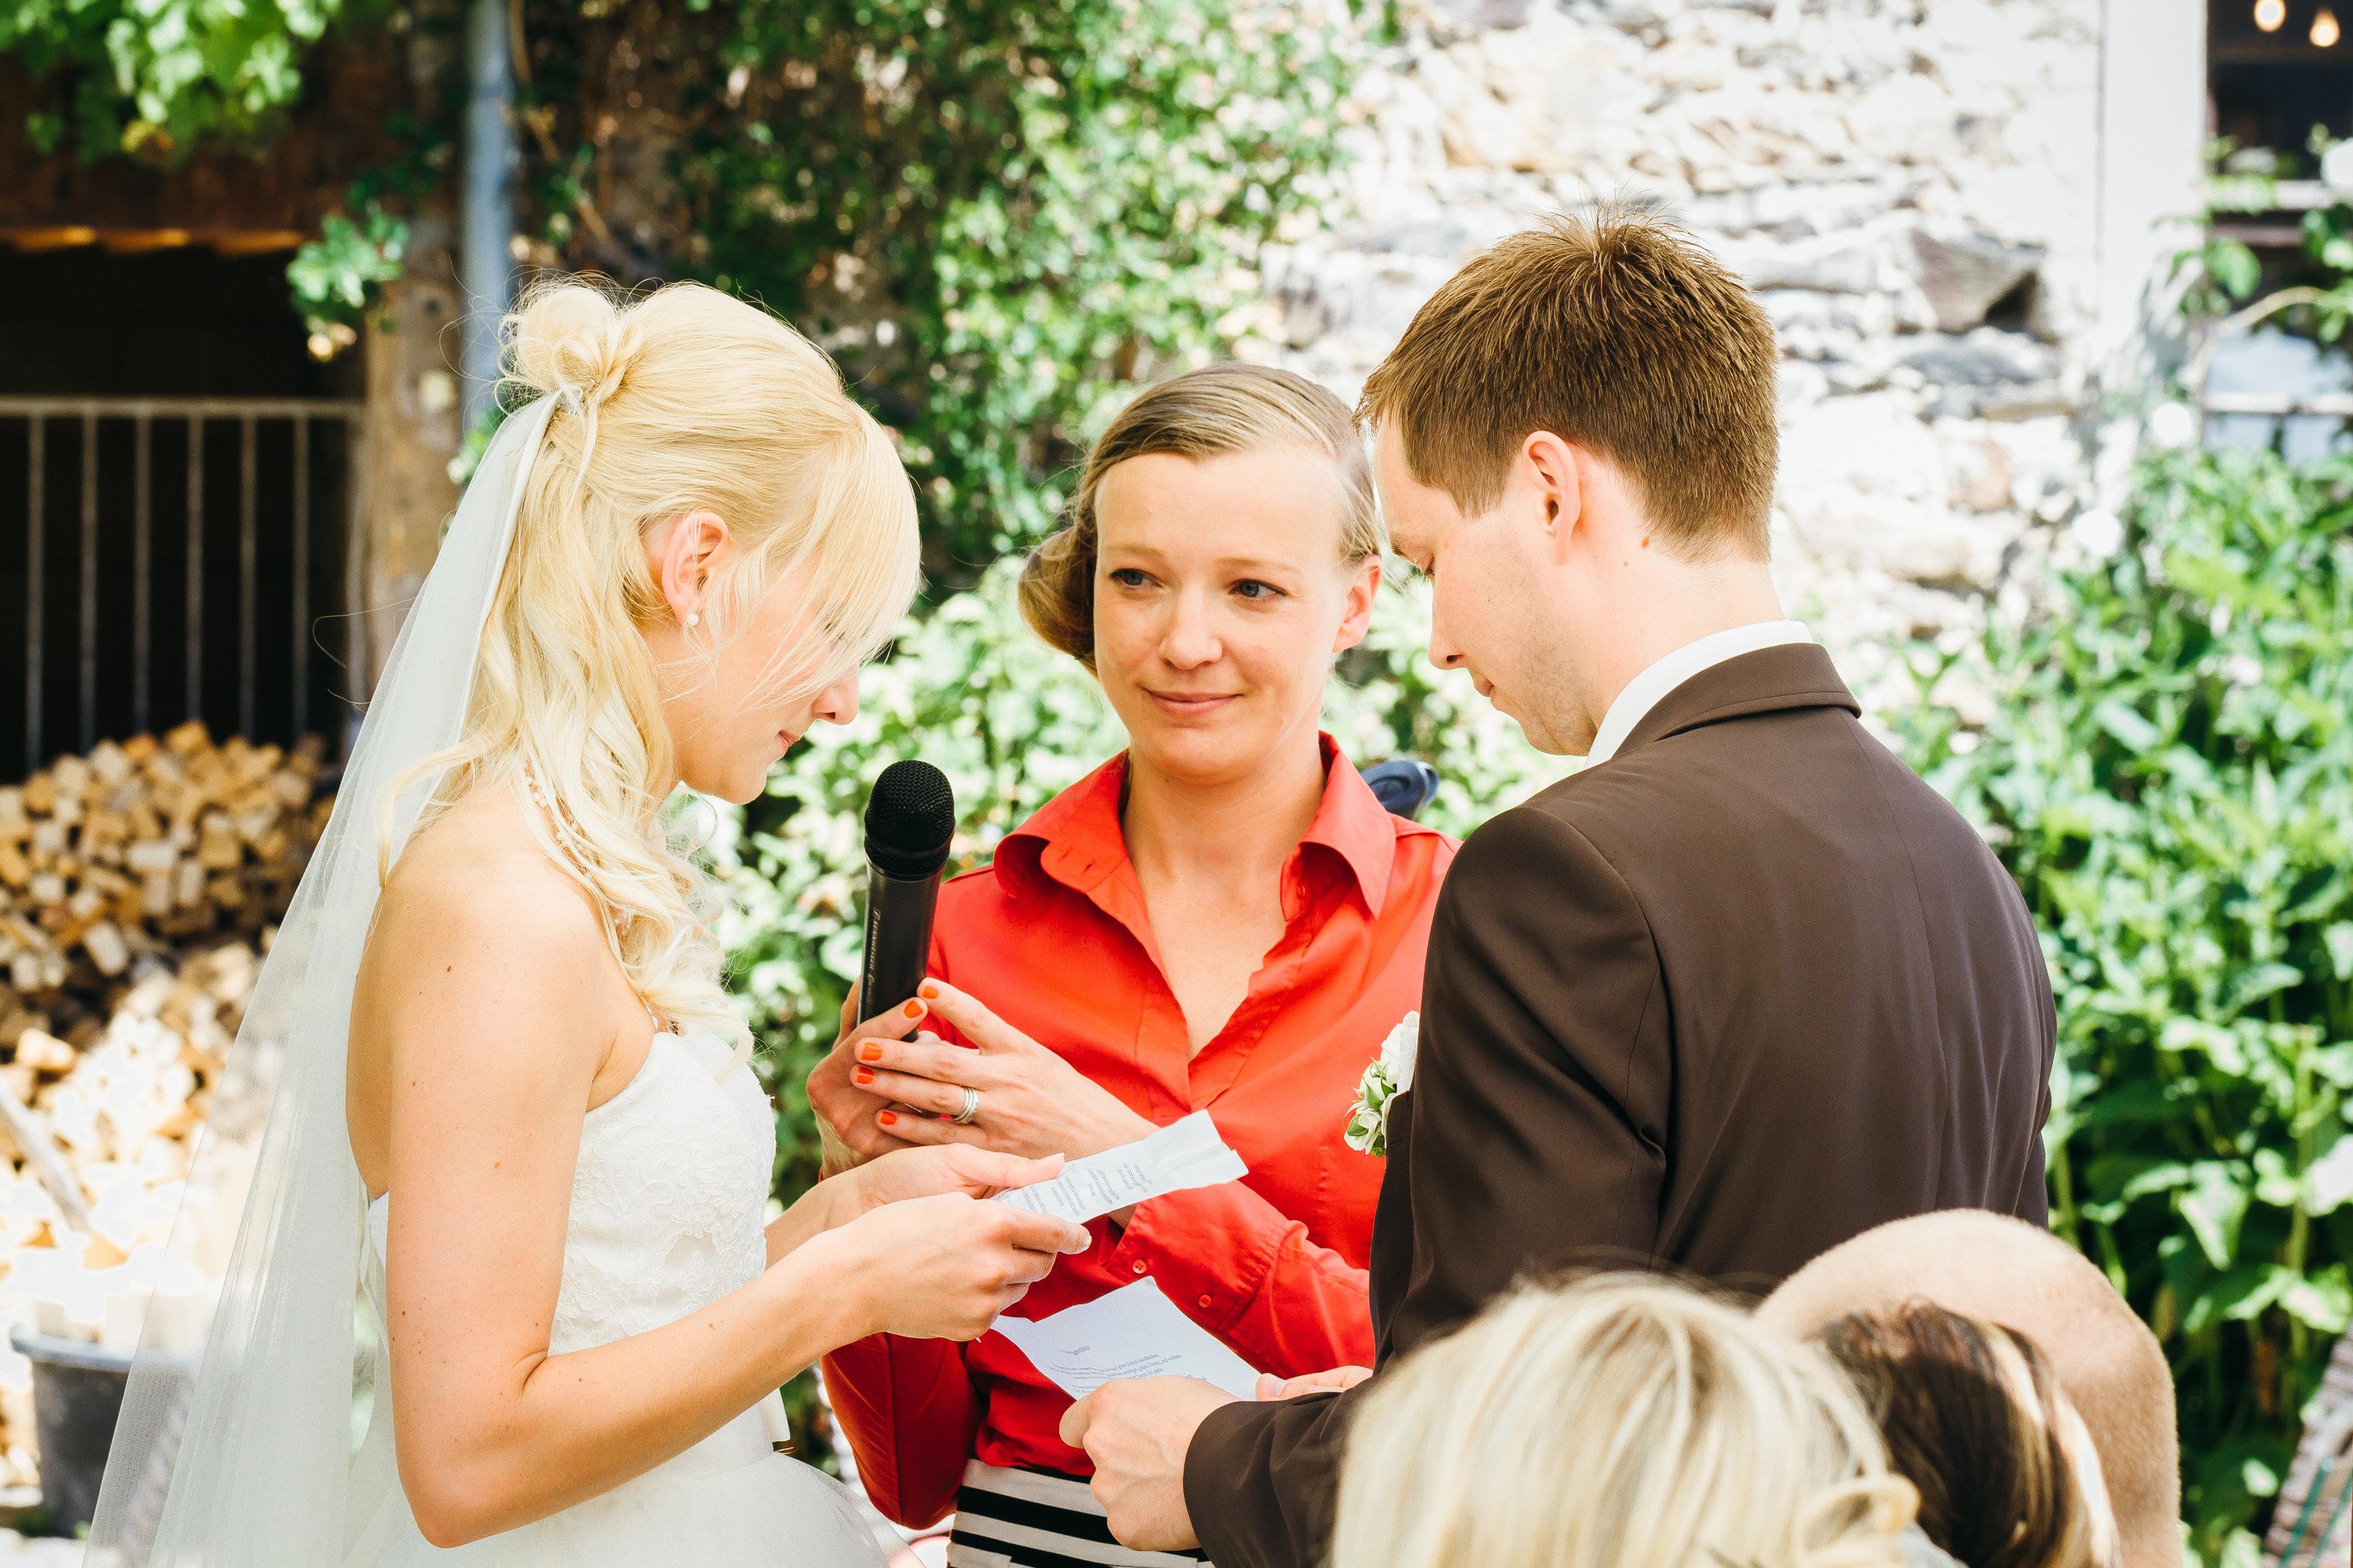 View More: http://paultraegerphotography.pass.us/hochzeitisabelleundkonrad